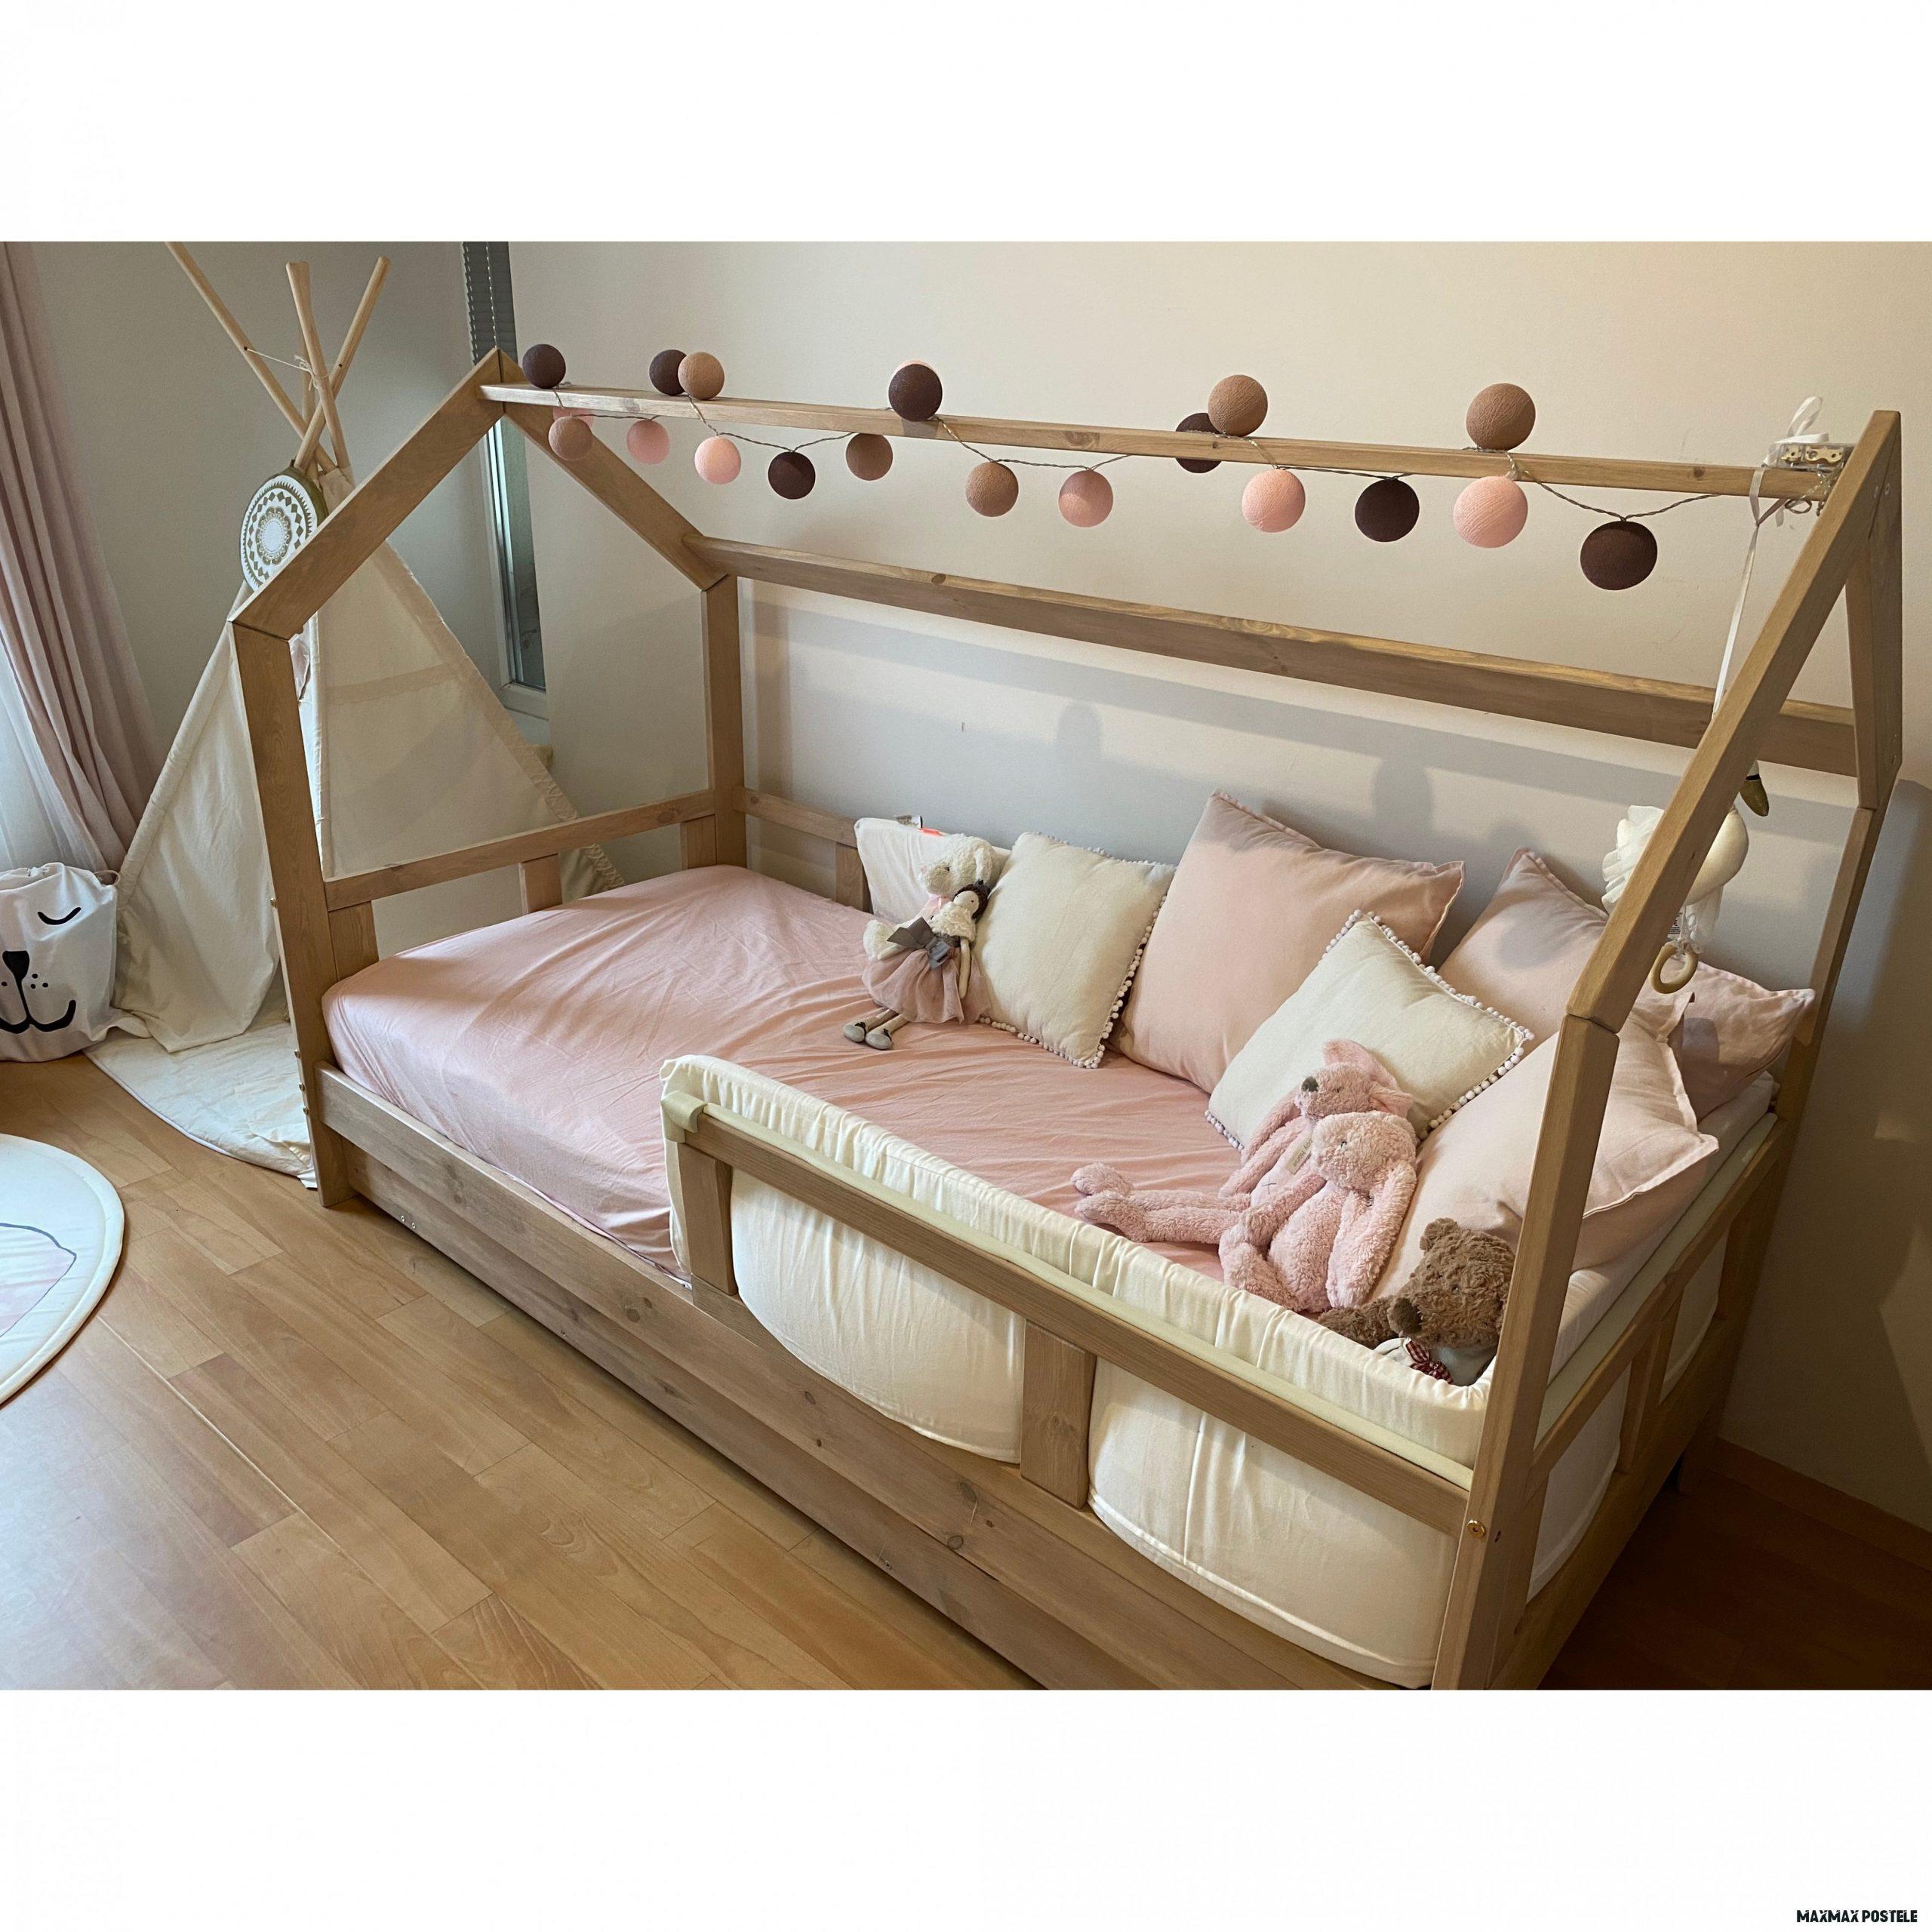 Dětská postel z masivu se šuplíkem DOMEČEK BEDHOUSE 18x18 cm  e